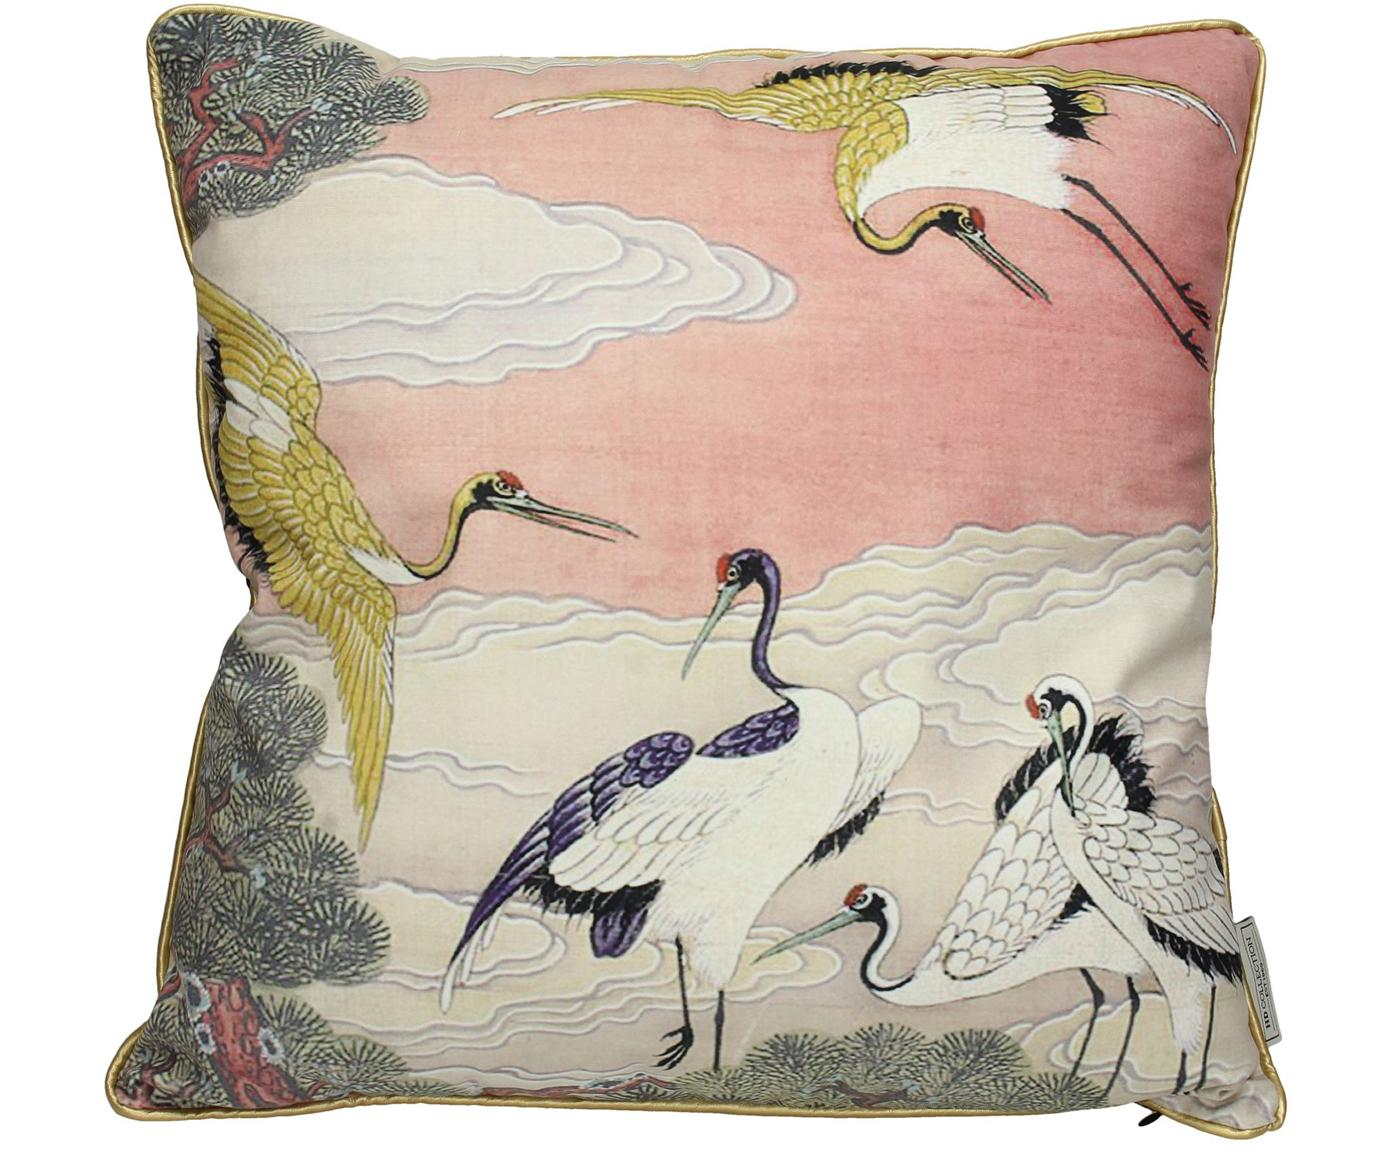 Samt-Kissen Storcks, mit Inlett, Polyestersamt, Mehrfarbig, 45 x 45 cm